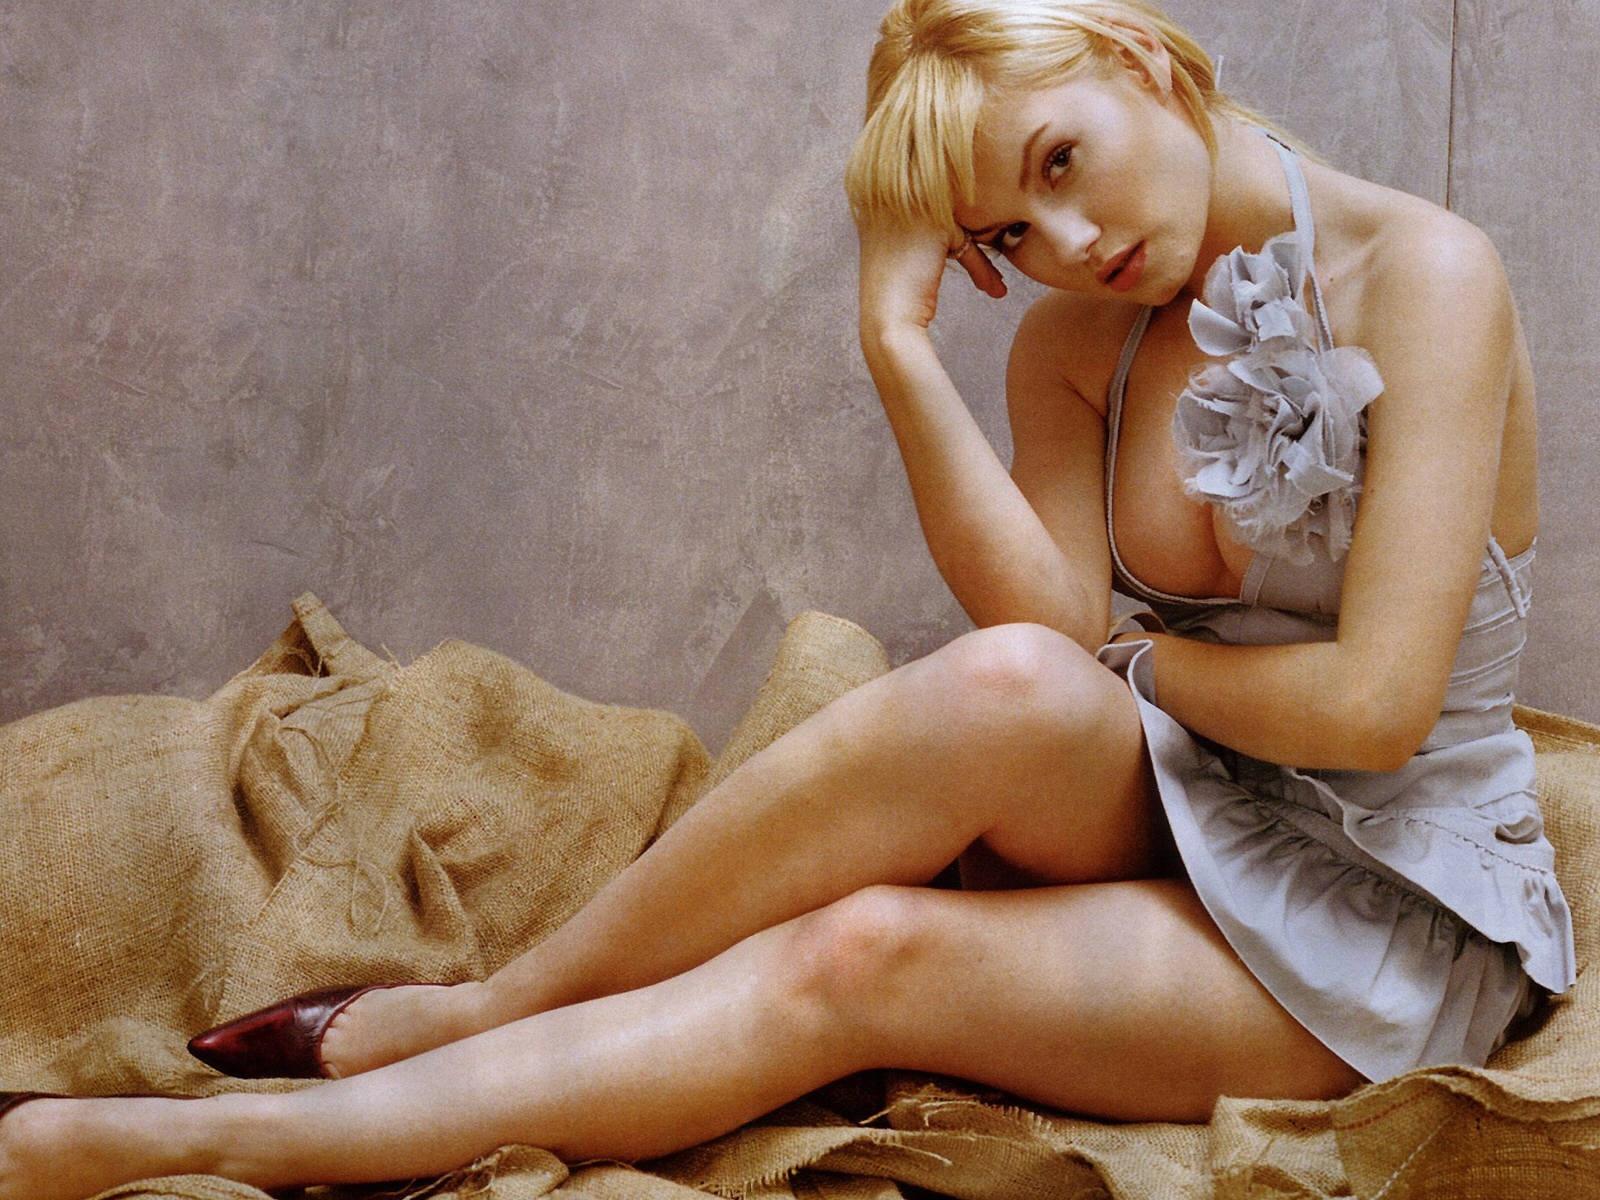 http://2.bp.blogspot.com/-5NISgpGyje8/UAQr_L3tg4I/AAAAAAAAEpE/I5xAWymvUQU/s1600/elisha+cuthbert+%289%29.jpg